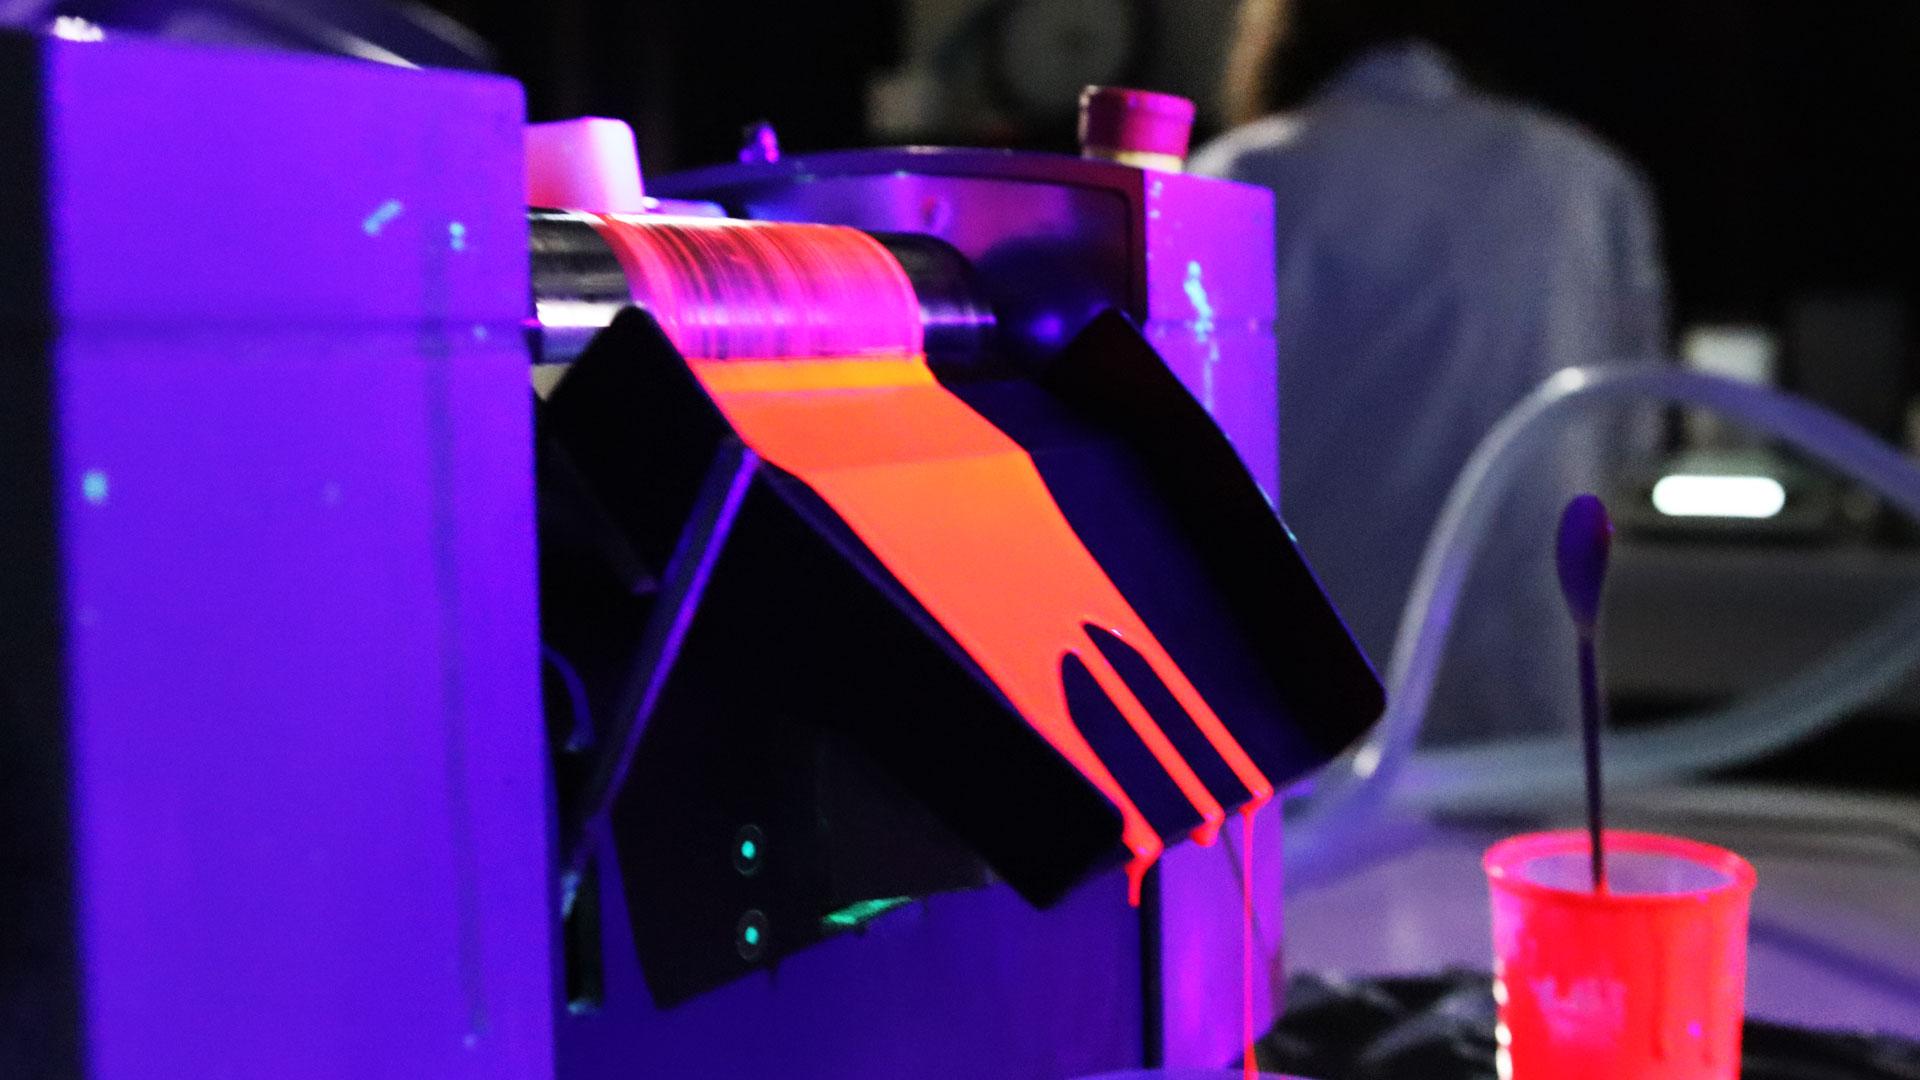 Laisser libre cours à votre imagination avec les peintures fluorescentes